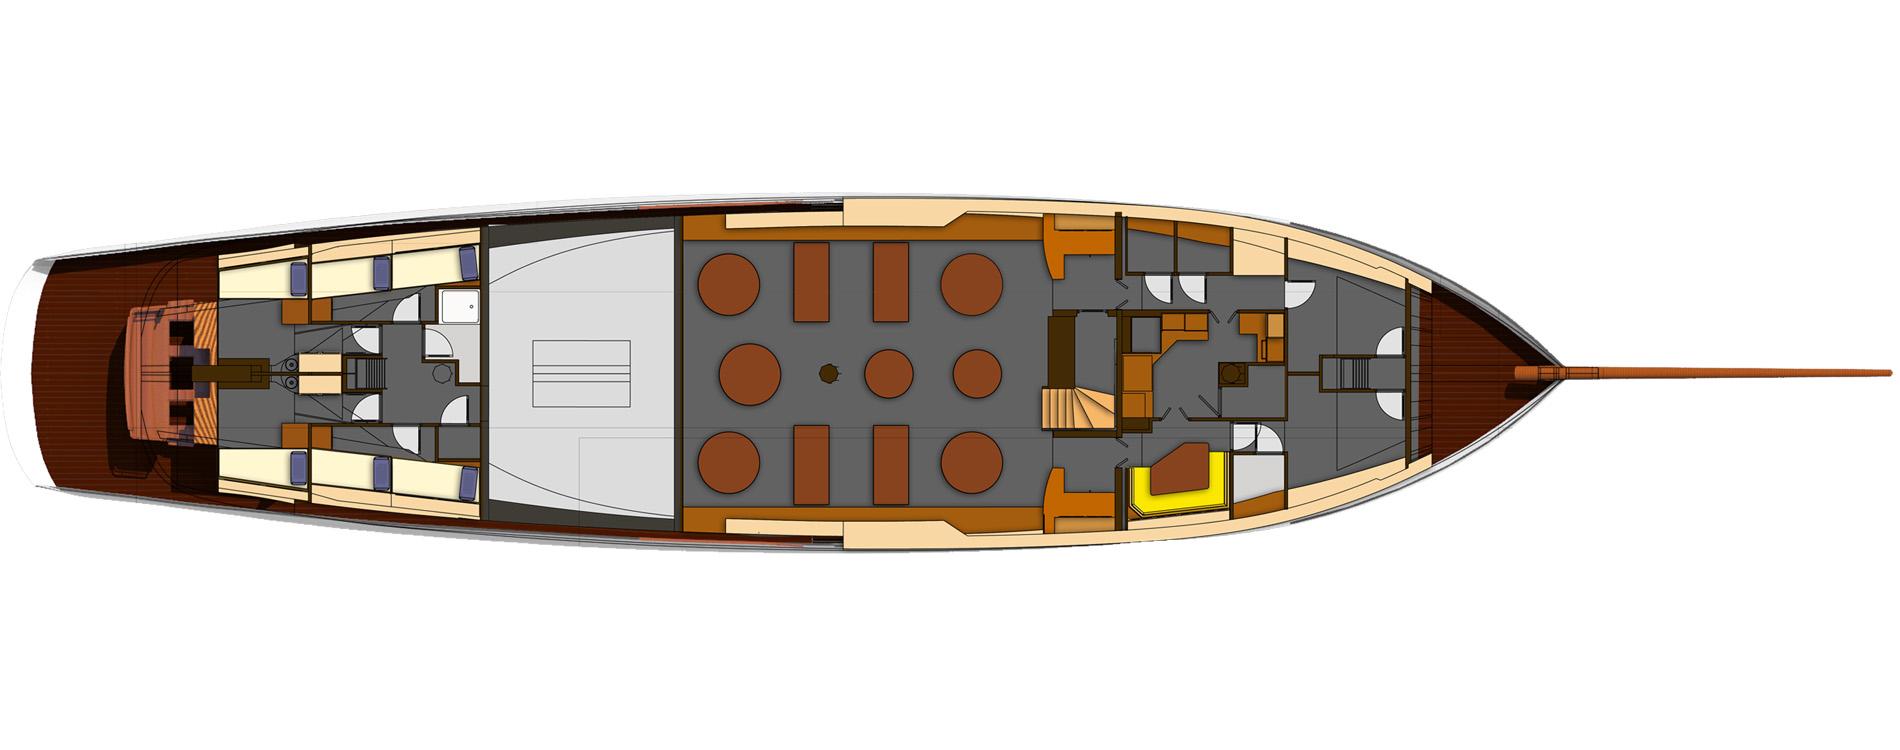 Voilier-Marite-Restauration-vieux-gréement-Vincent-Lebailly-Architecte-naval